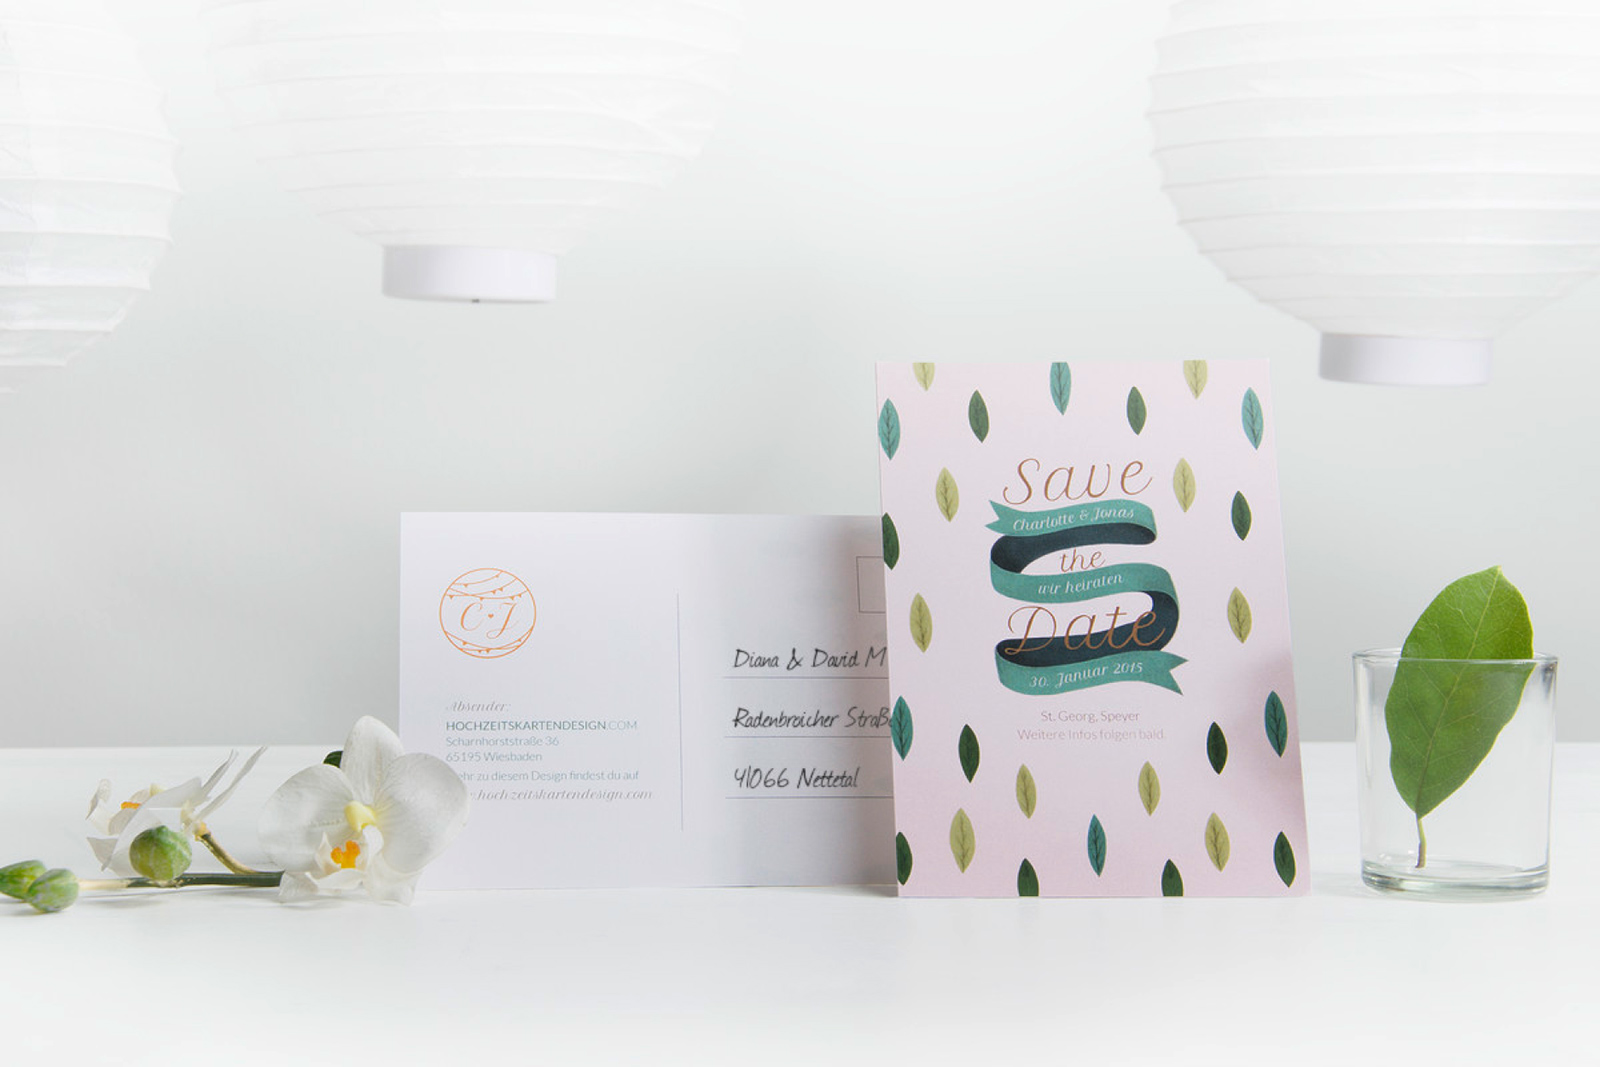 1-Hochzeitskarte-Einladung-Hochzeitseinladung-Hochzeitskartendesign-Birds-of-Paradise-Blätter-Blume-2